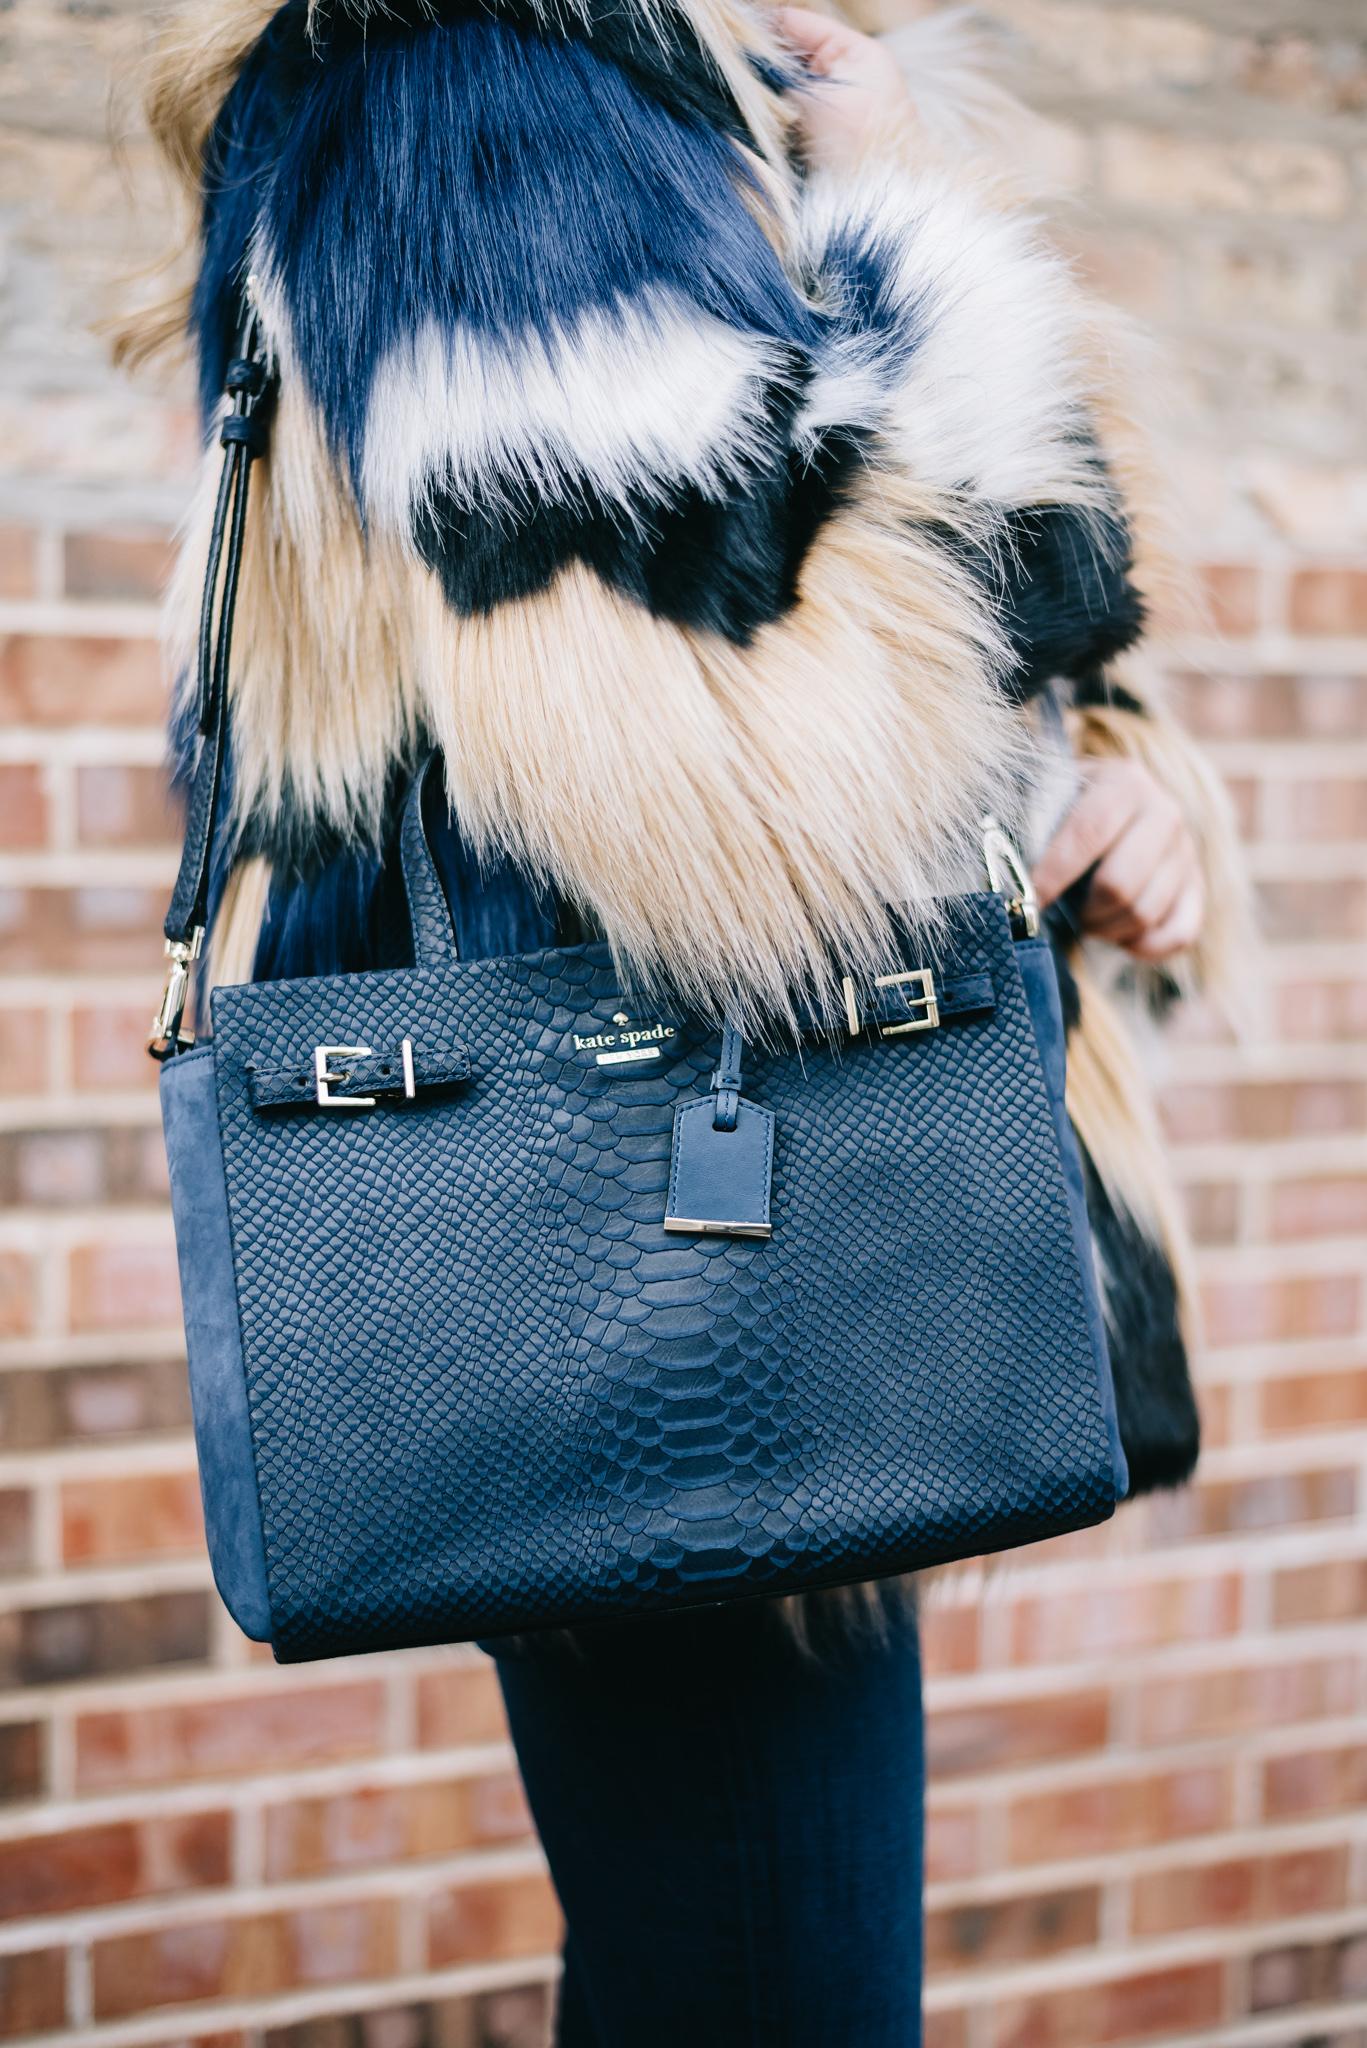 Kate Spade Navy Blue Embossed Suede Handbag